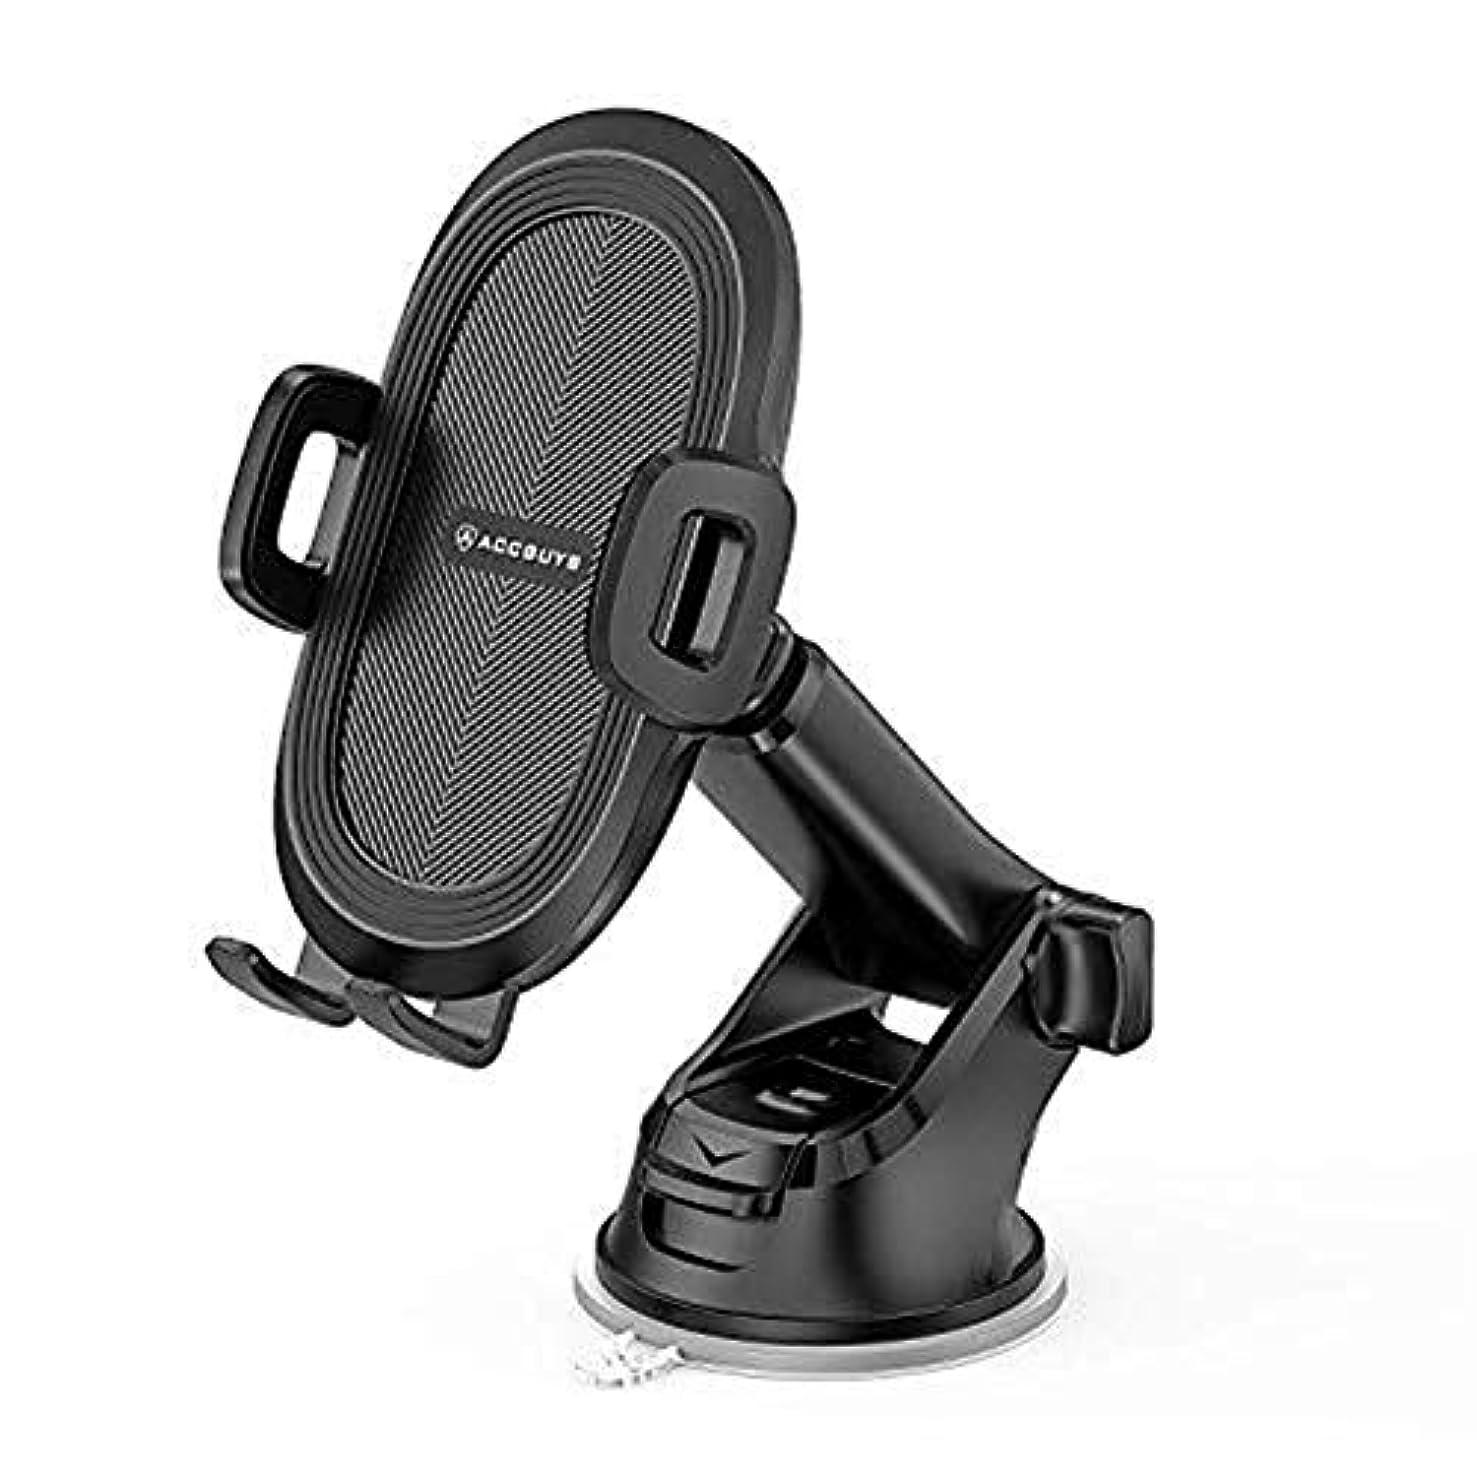 沈黙知覚できる偶然のJSFQ ユニバーサルカーフォンマウント、自動車用携帯電話ホルダー、エアベント、ダッシュボード、クイックリリースボタン付きのフロントガラス、iPhone、Samsung、Googleなどに対応